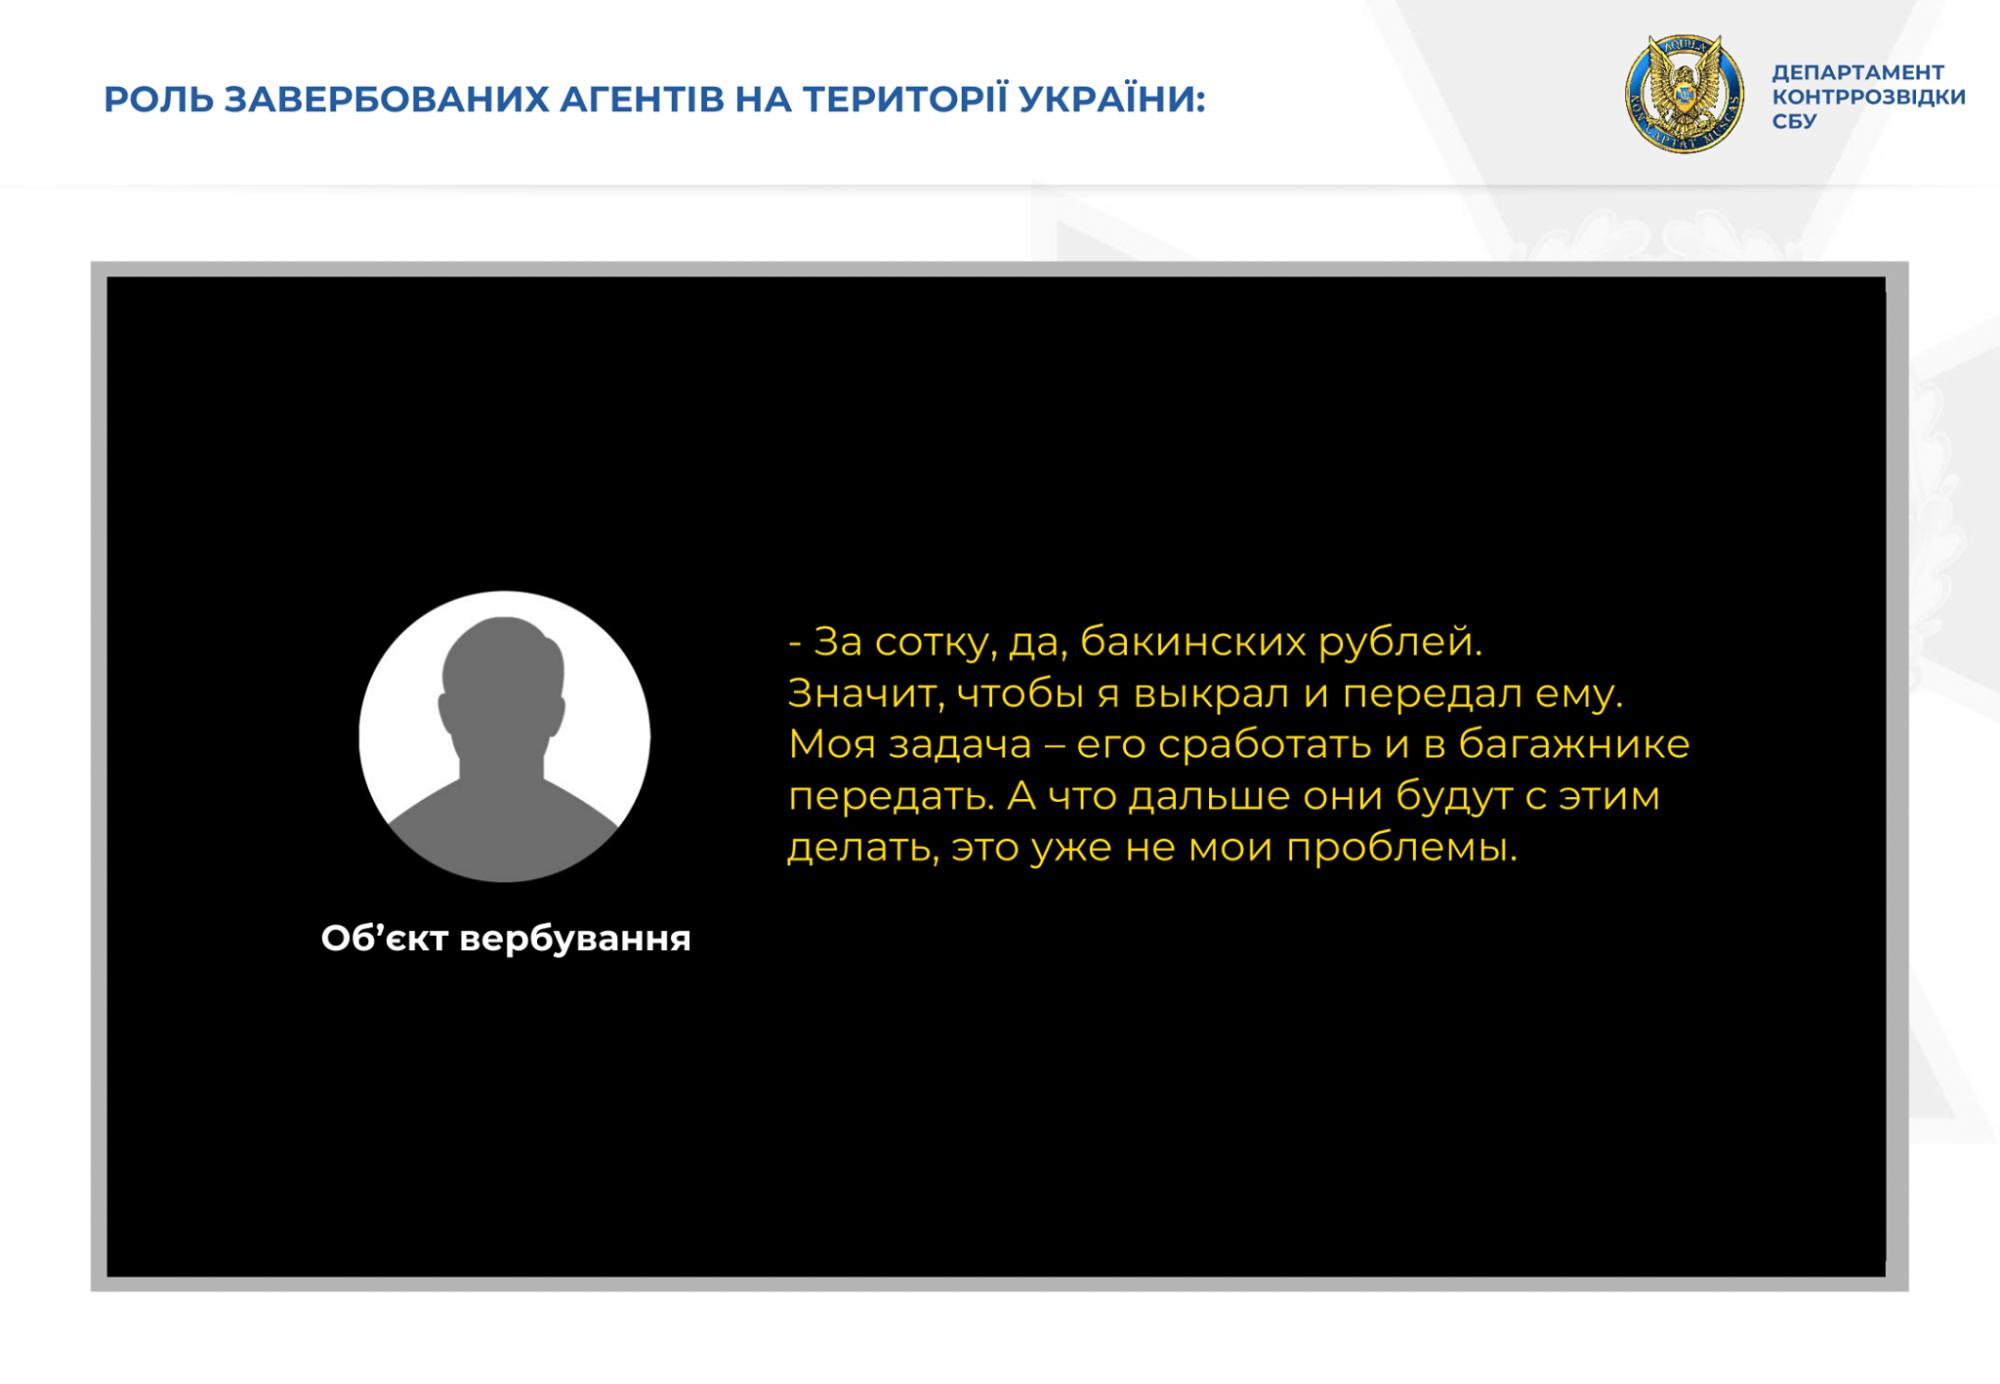 До агентурної мережі ФСБ входили  колишні українські військові: викриття СБУ - СБУ, Росія, Розслідування - 146961772 2932300820333237 2840706989394701545 o 2000x1384